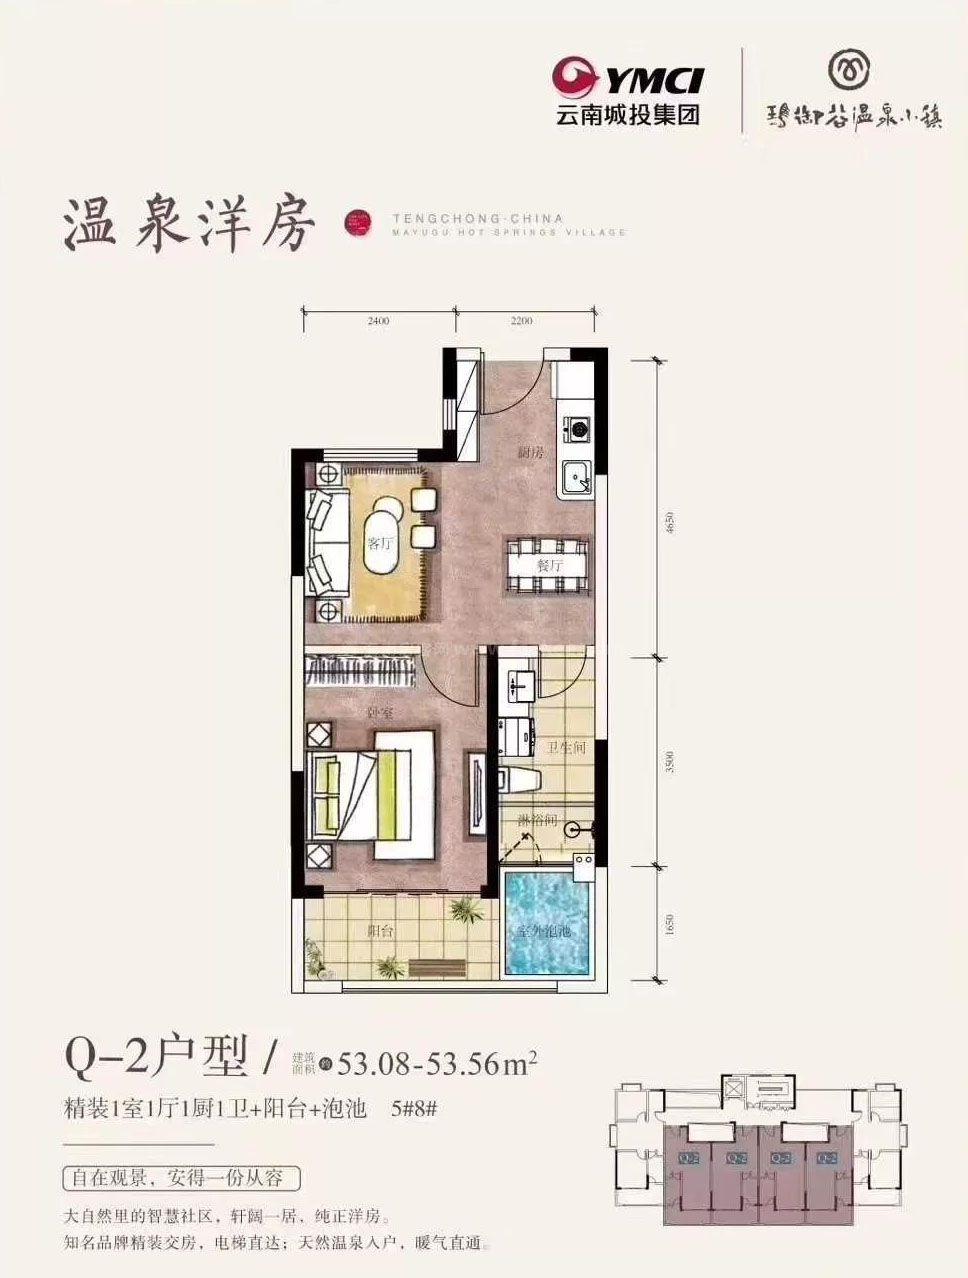 Q-2户型 1室1厅1厨1卫1阳台1泡池 建面53.08-53.56㎡